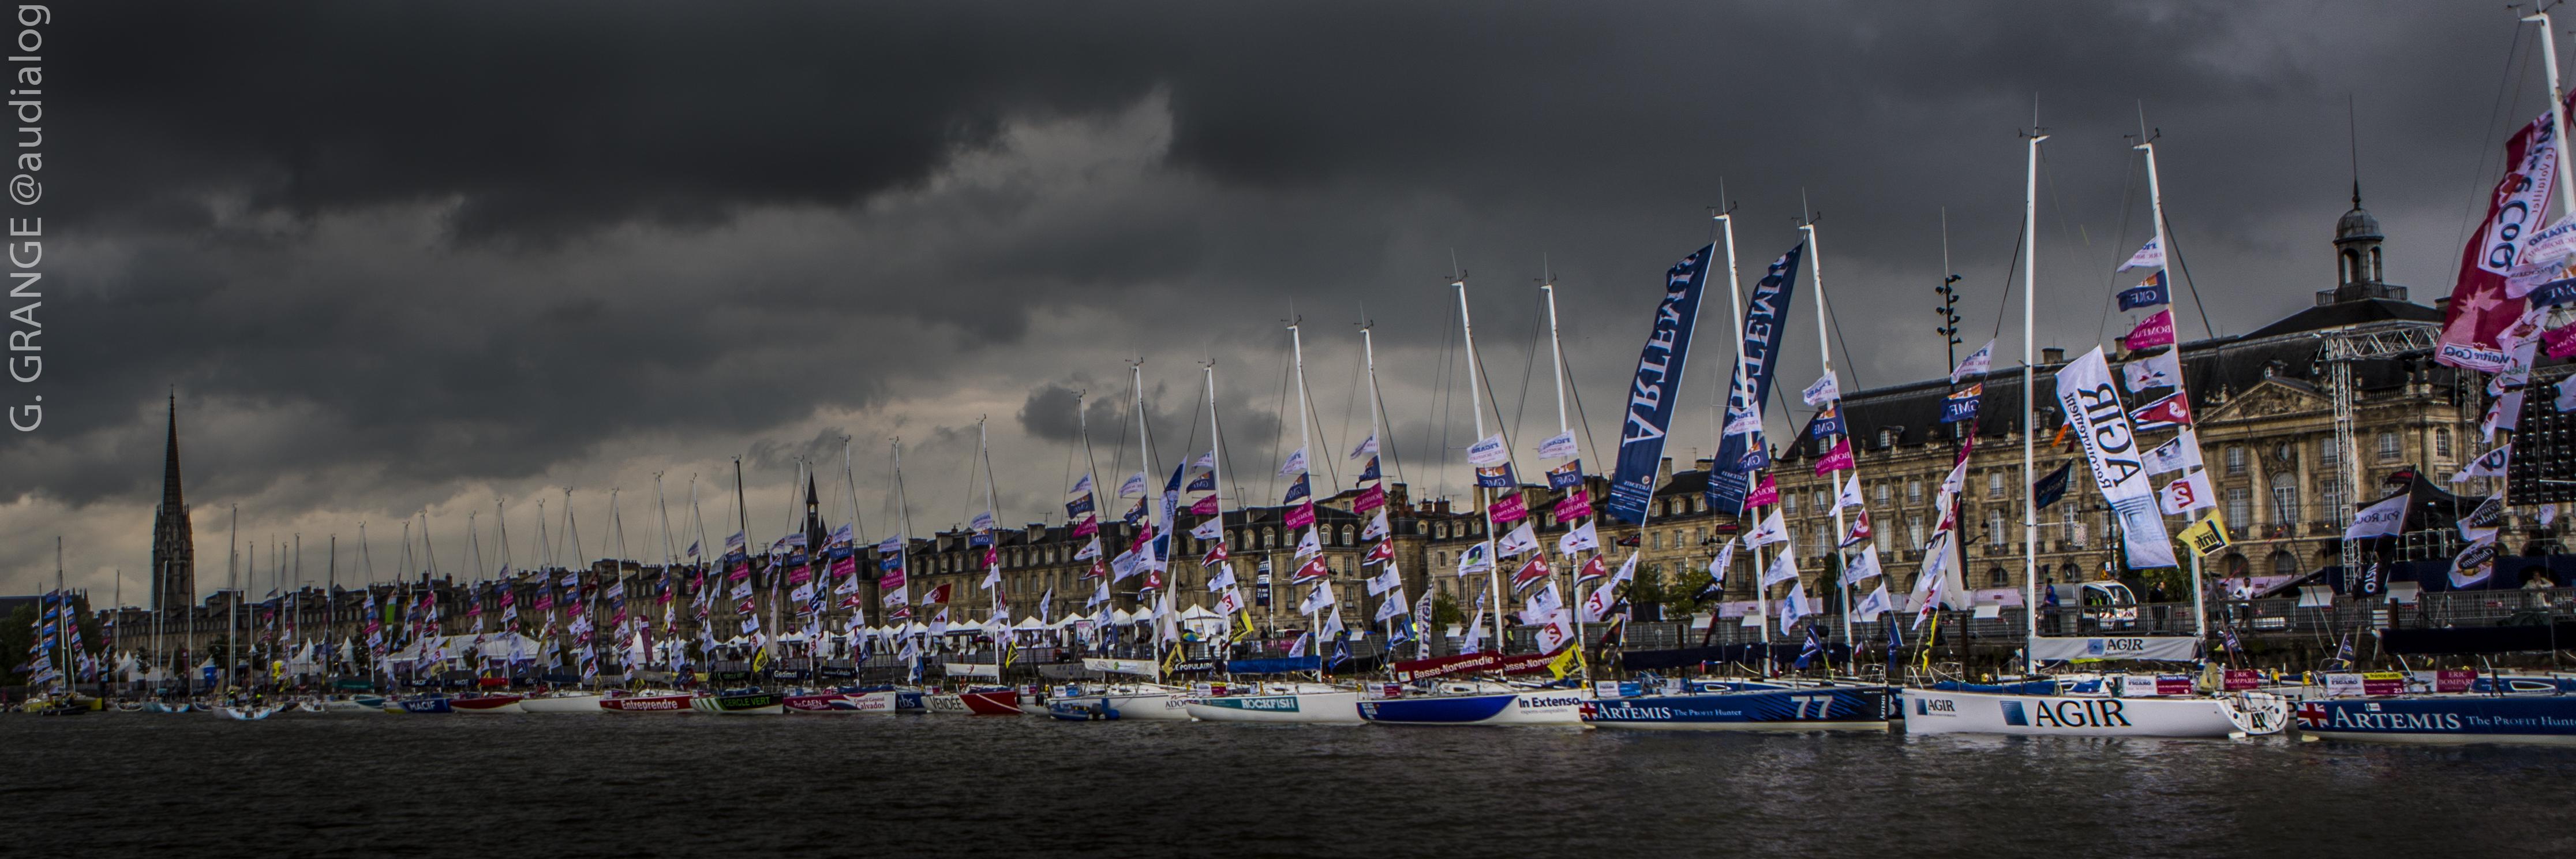 Voiliers de la Solitaire du Figaro à quai a Bordeaux